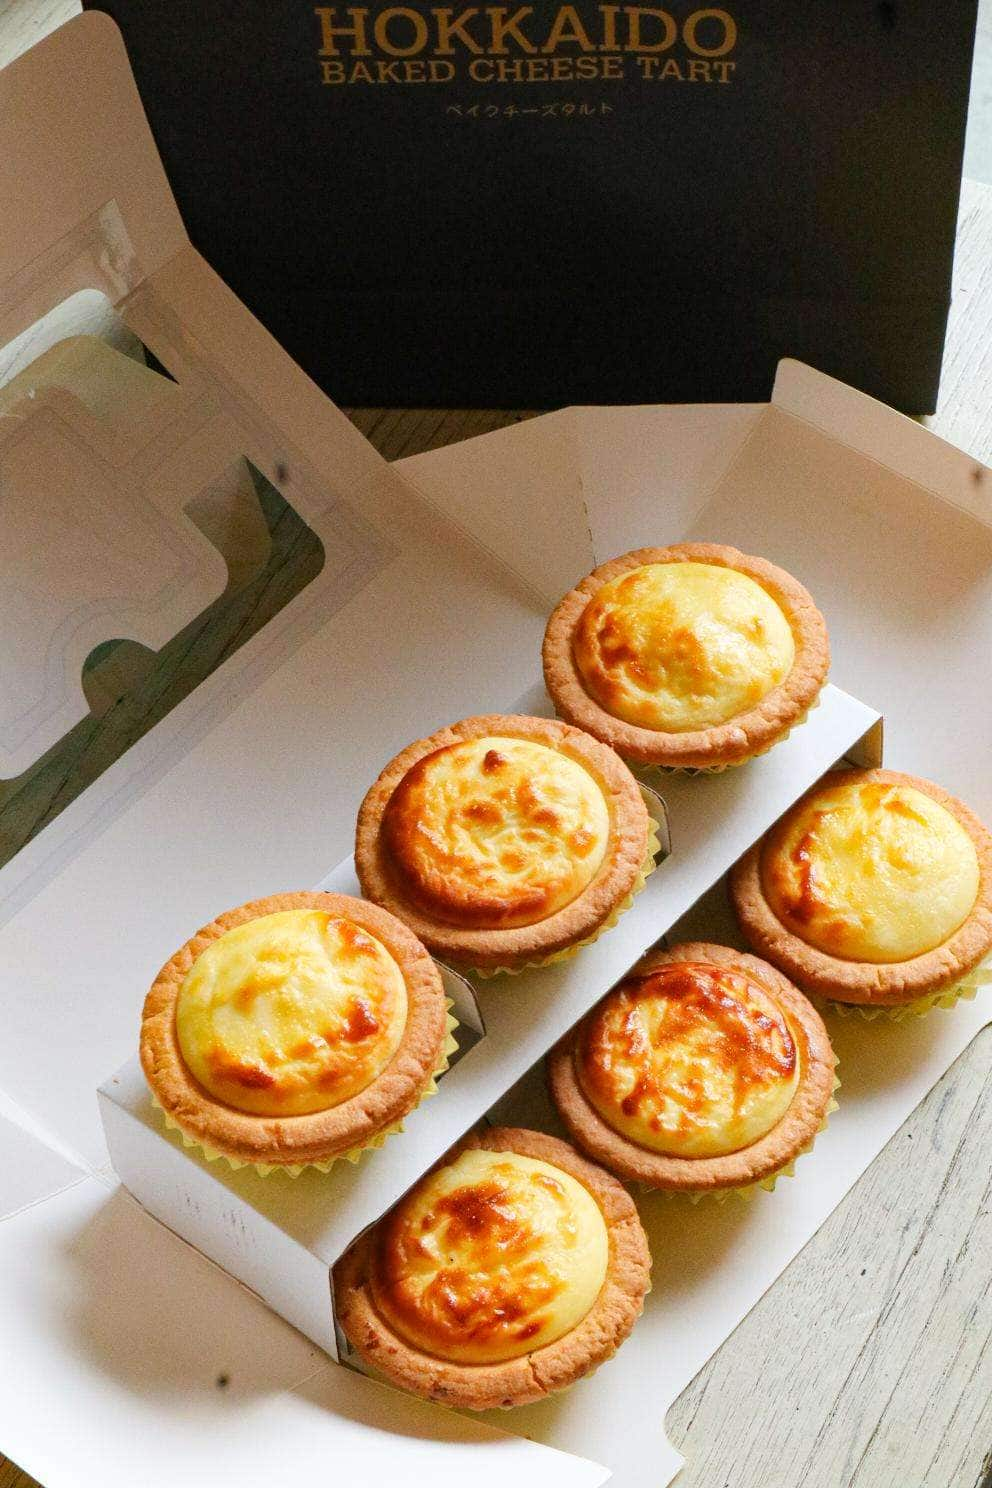 Hokkaido Baked Cheese Tart Pondok Indah Jakarta Zomato